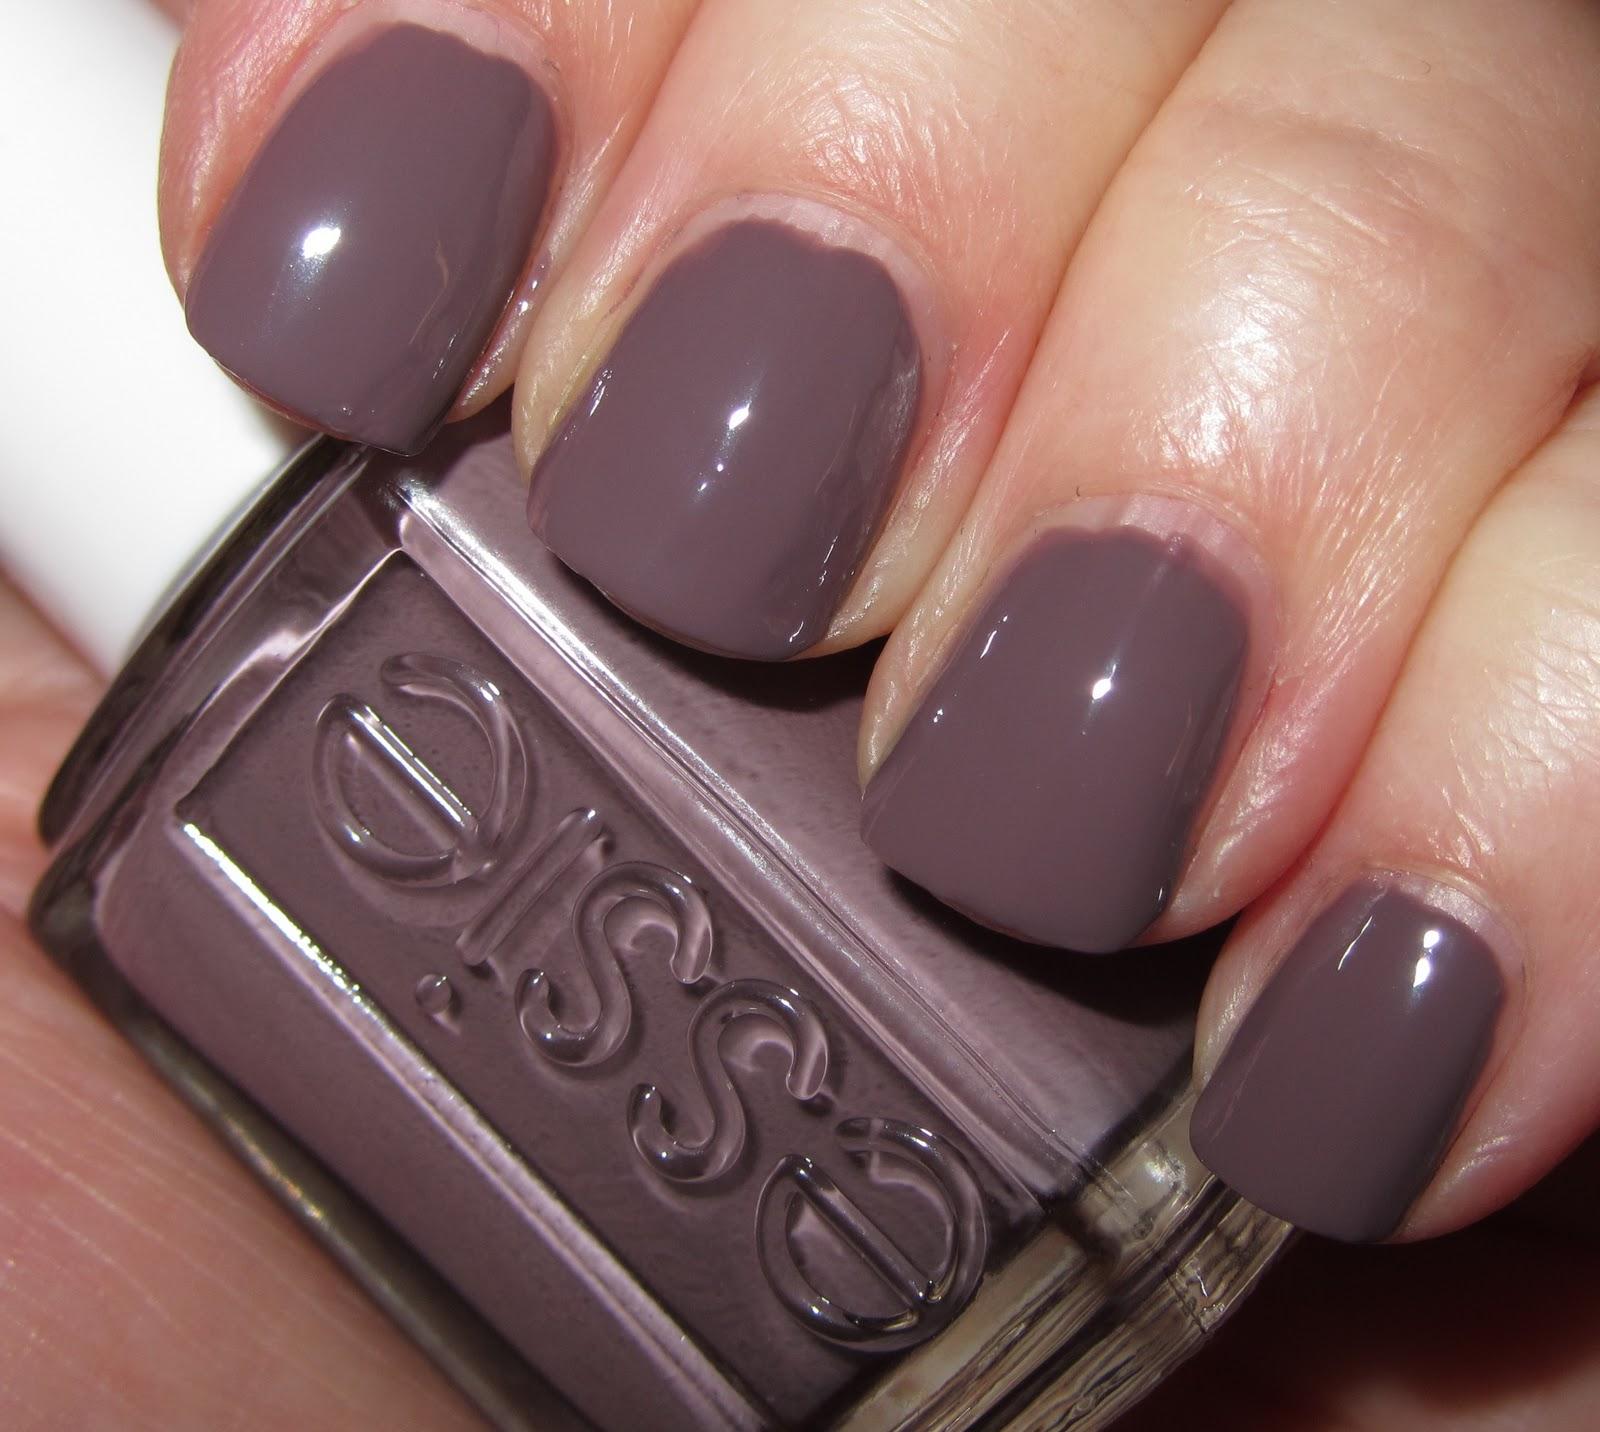 Nail Polish Colors For Cool Skin Tones: Marias Nail Art And Polish Blog: Januar 2012